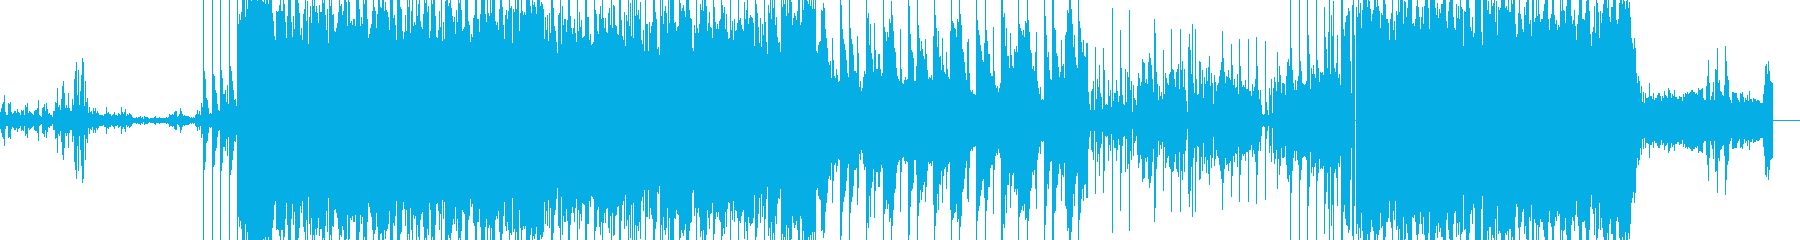 攻撃的なインダストリアルロックですの再生済みの波形